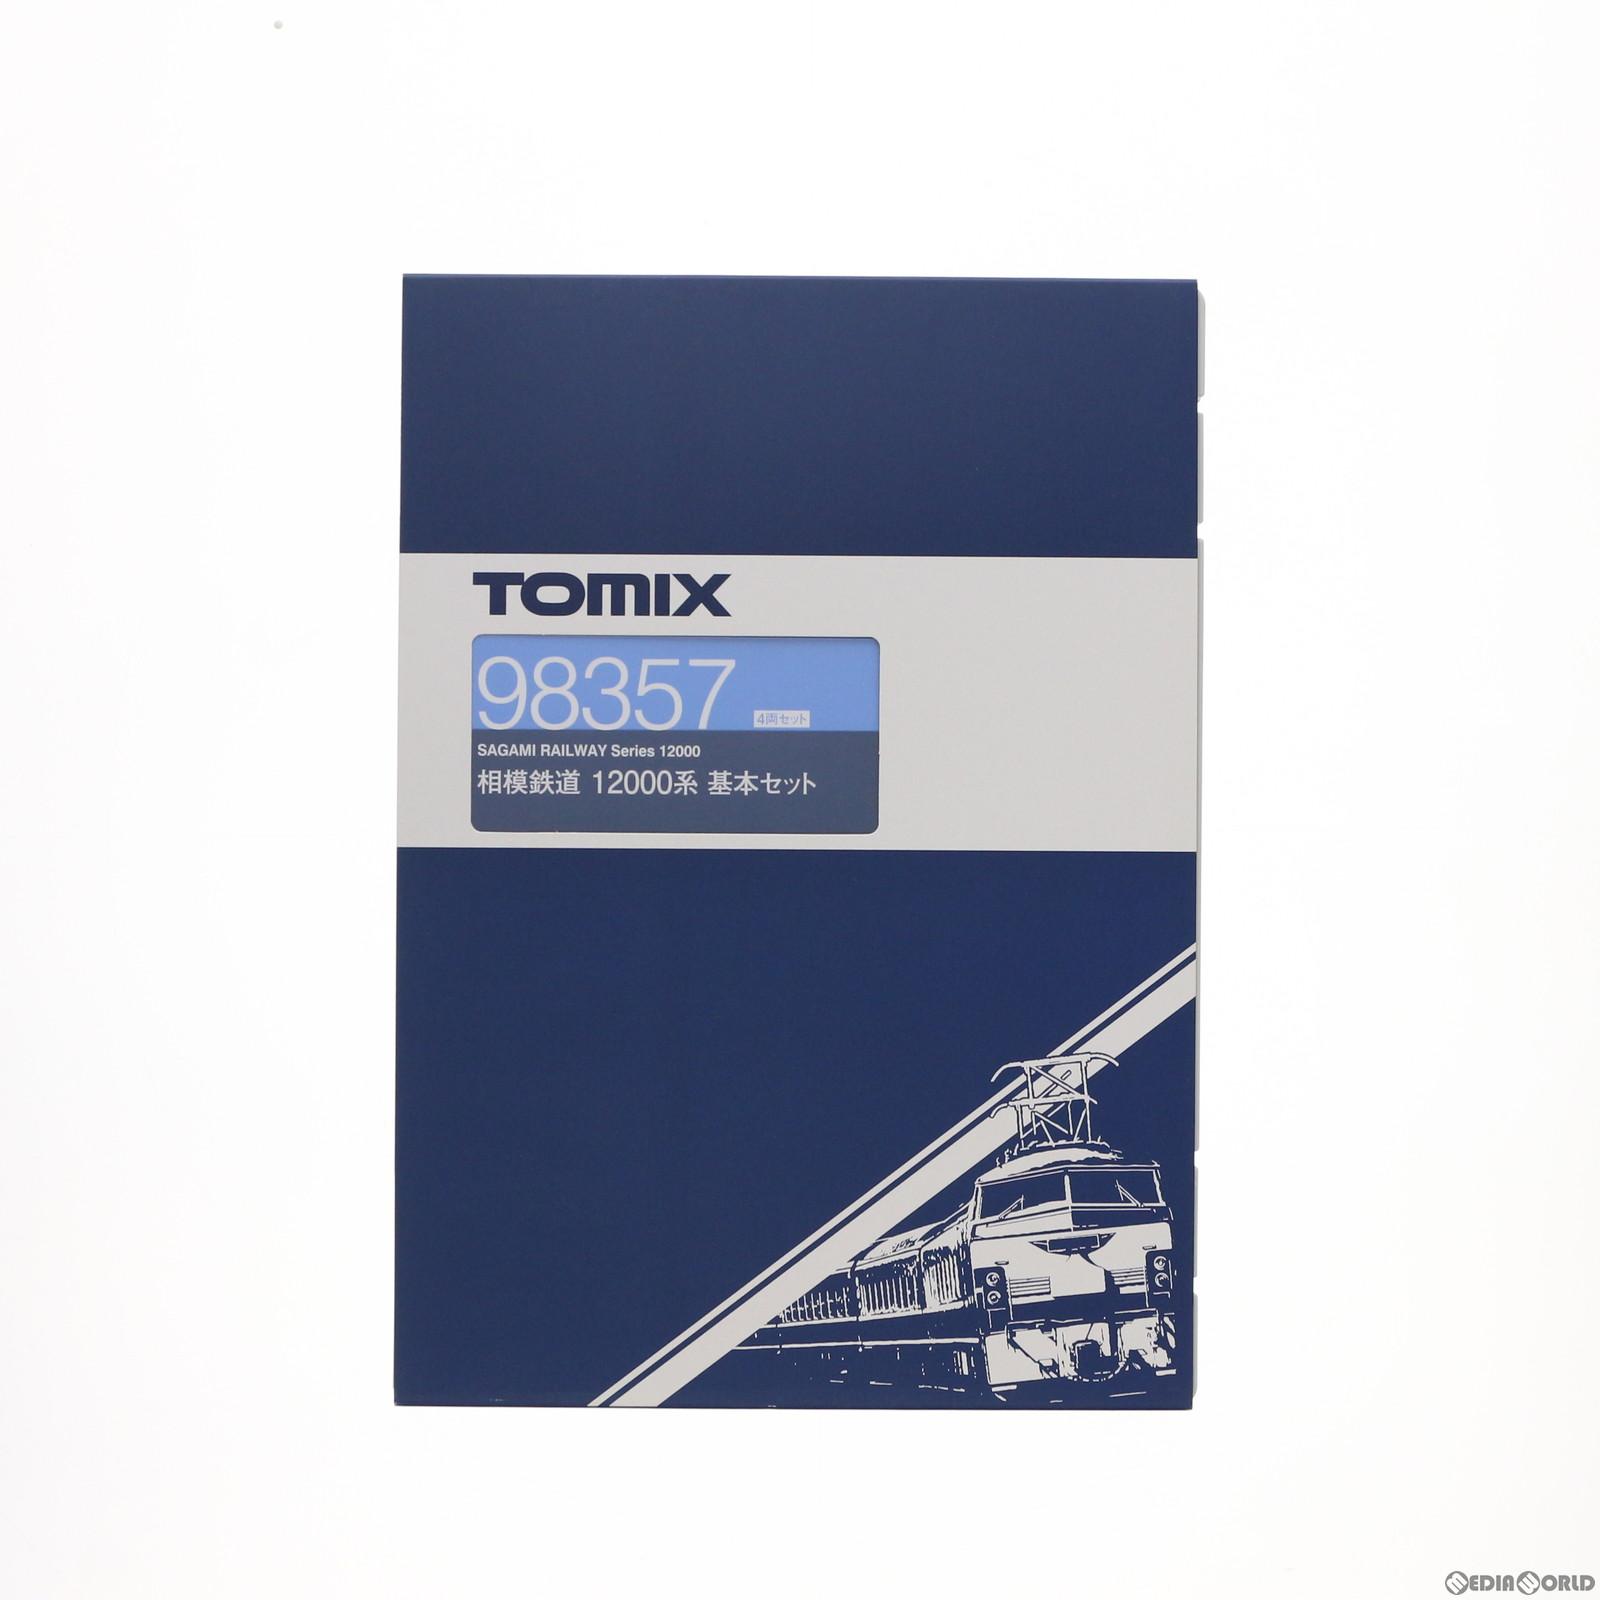 【予約安心発送】[RWM]98357 相模鉄道12000系 基本セット(4両) Nゲージ 鉄道模型 TOMIX(トミックス)(2020年5月)